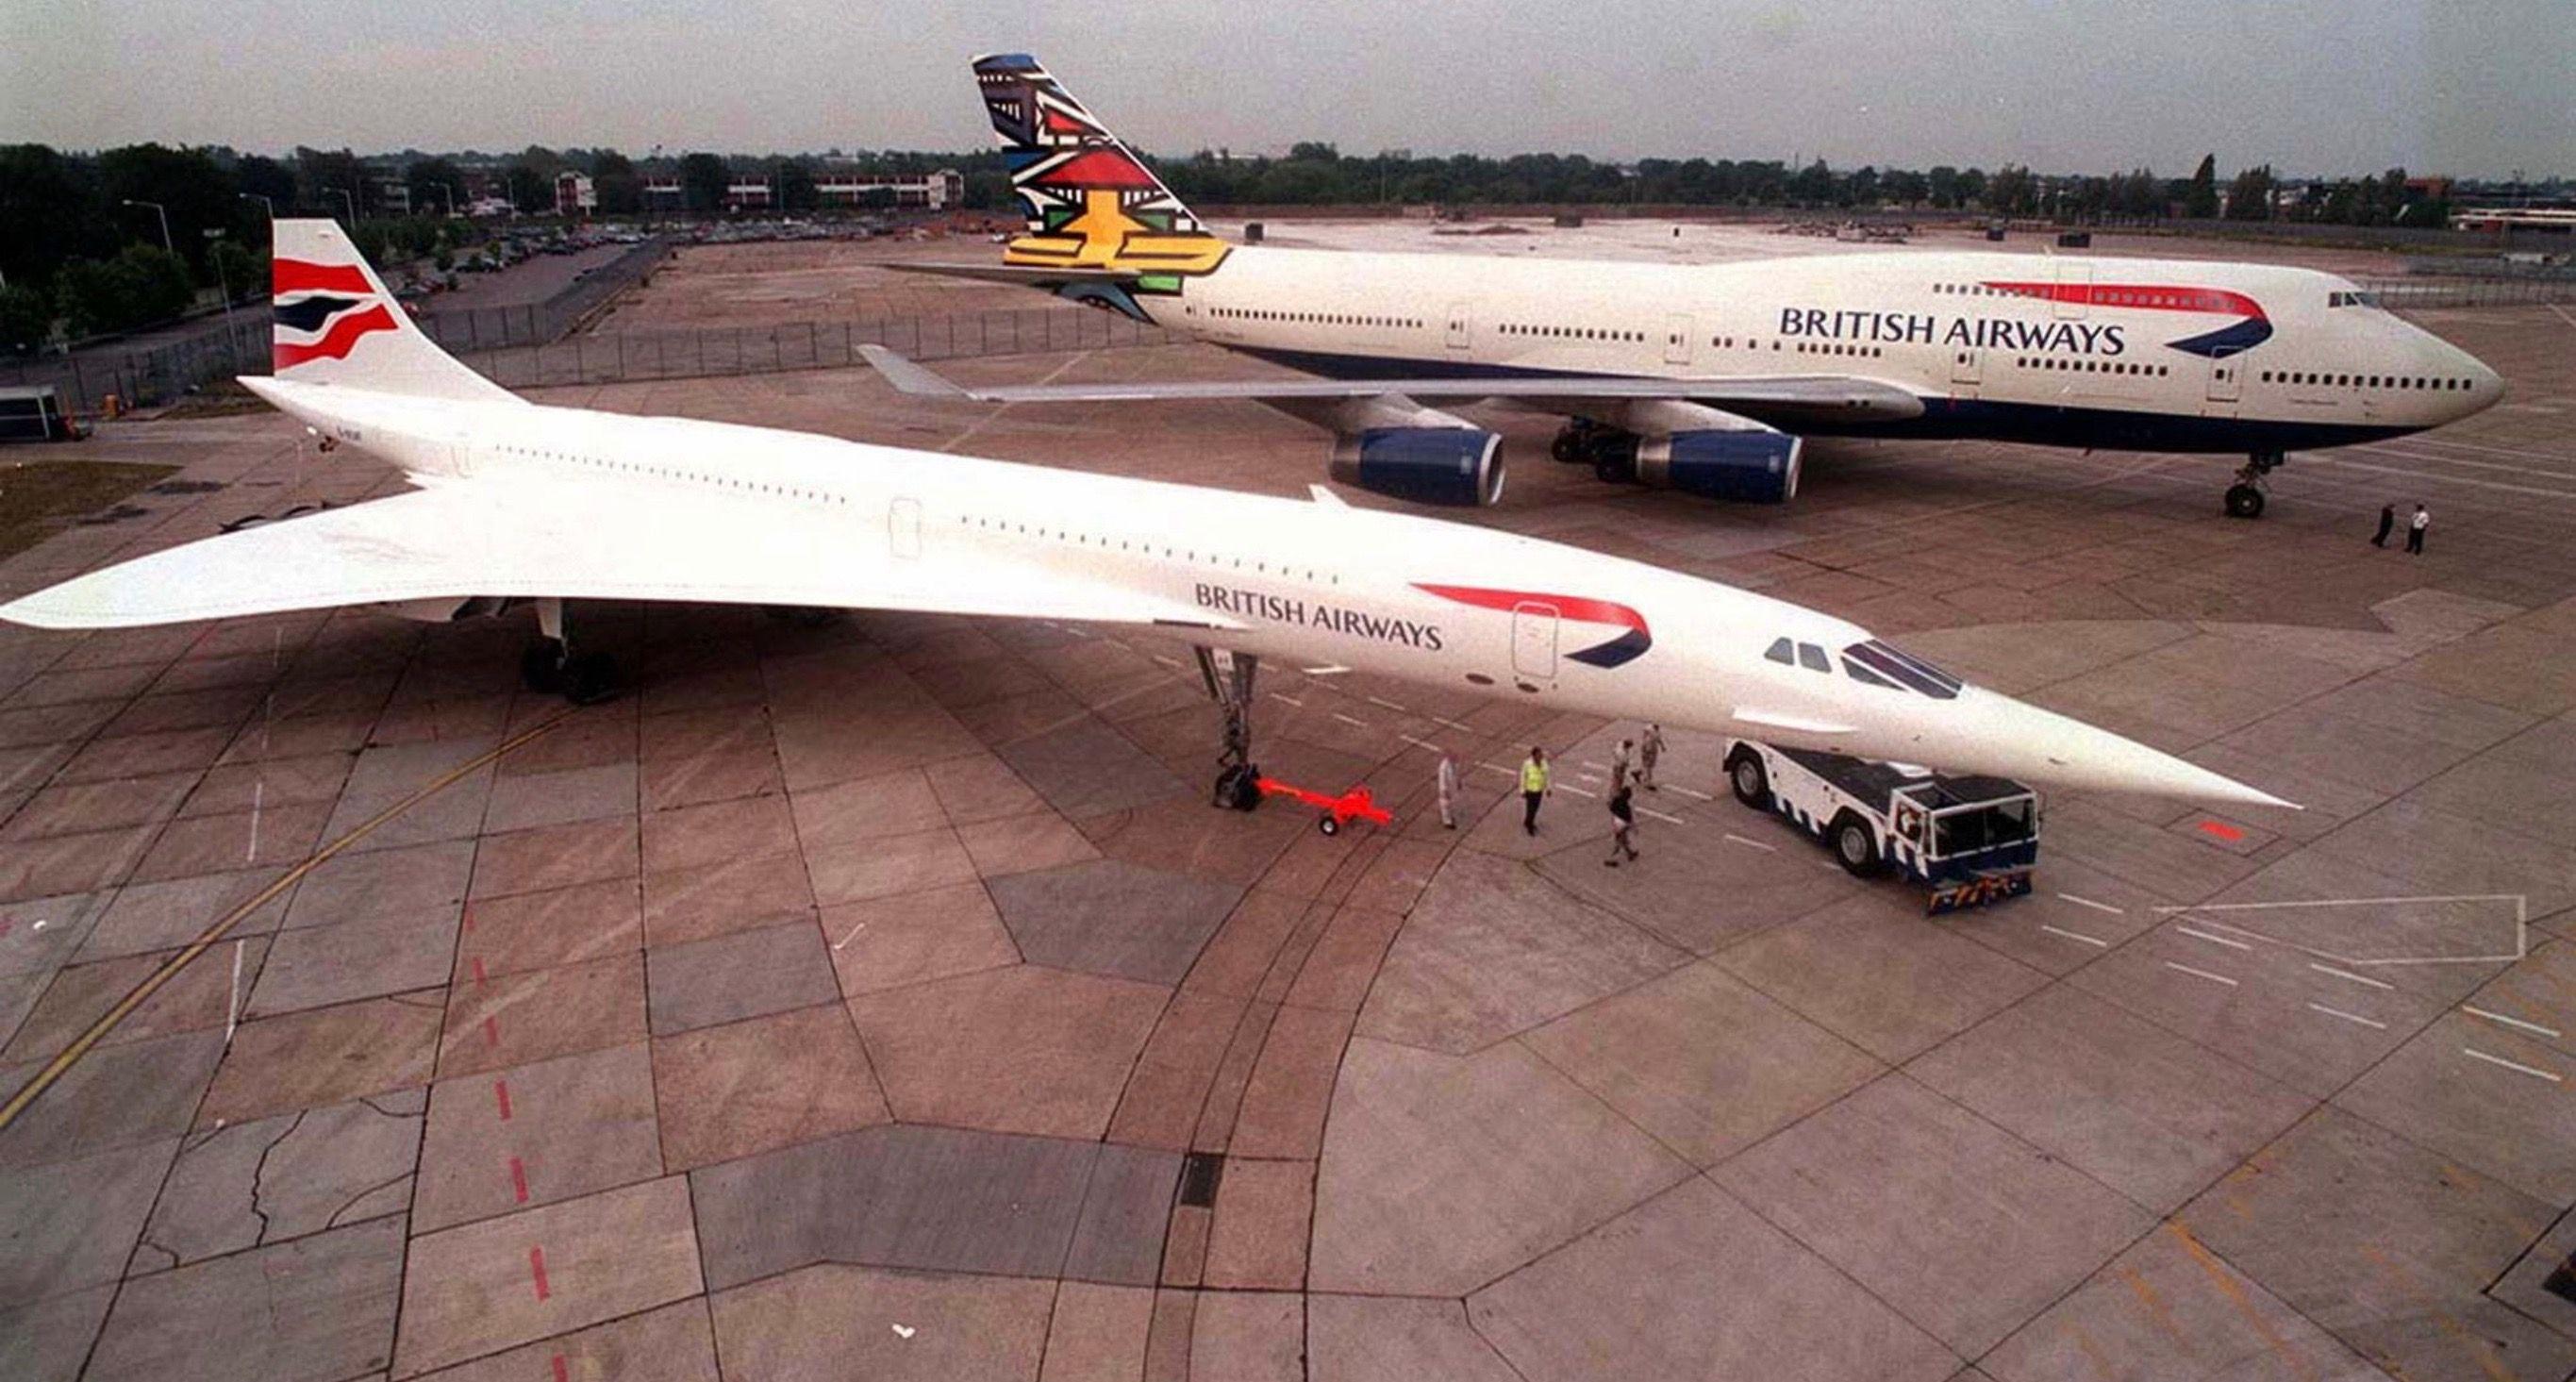 British Airways Concorde SST Vs Boeing 747